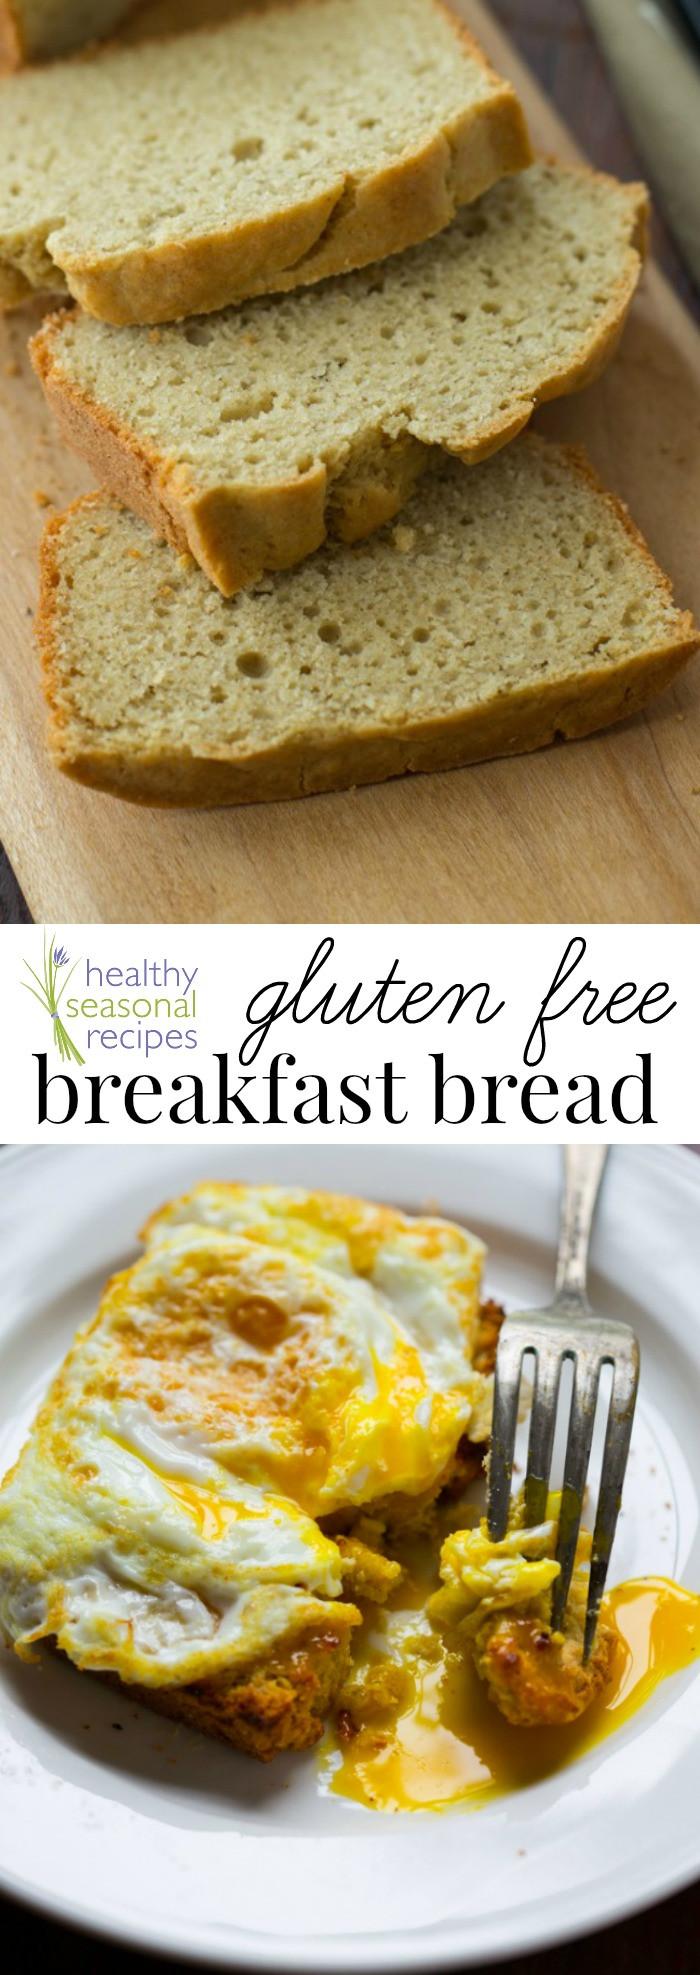 Healthy Breakfast Bread  gluten free breakfast bread Healthy Seasonal Recipes